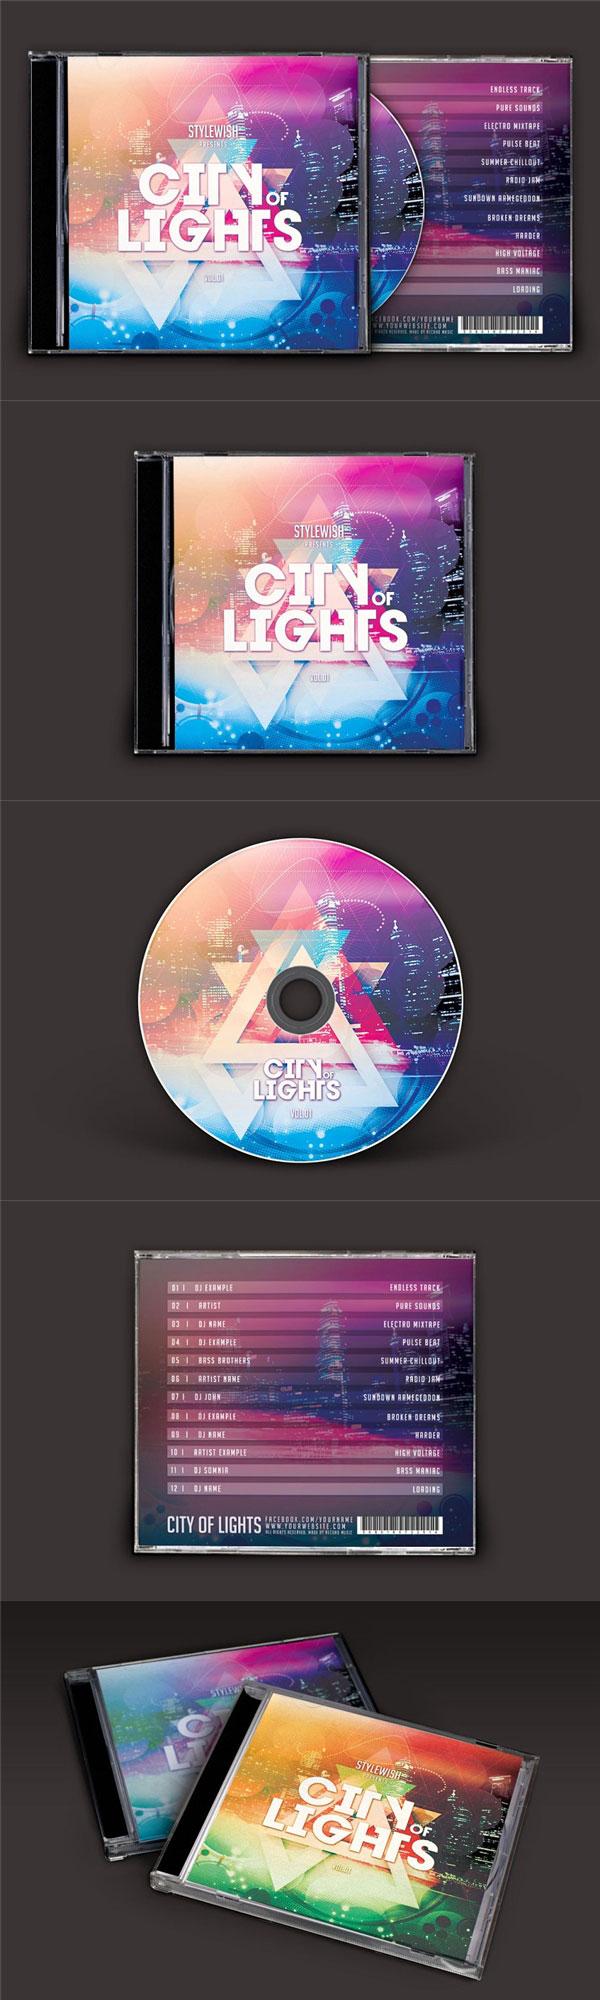 城市之光CD封面